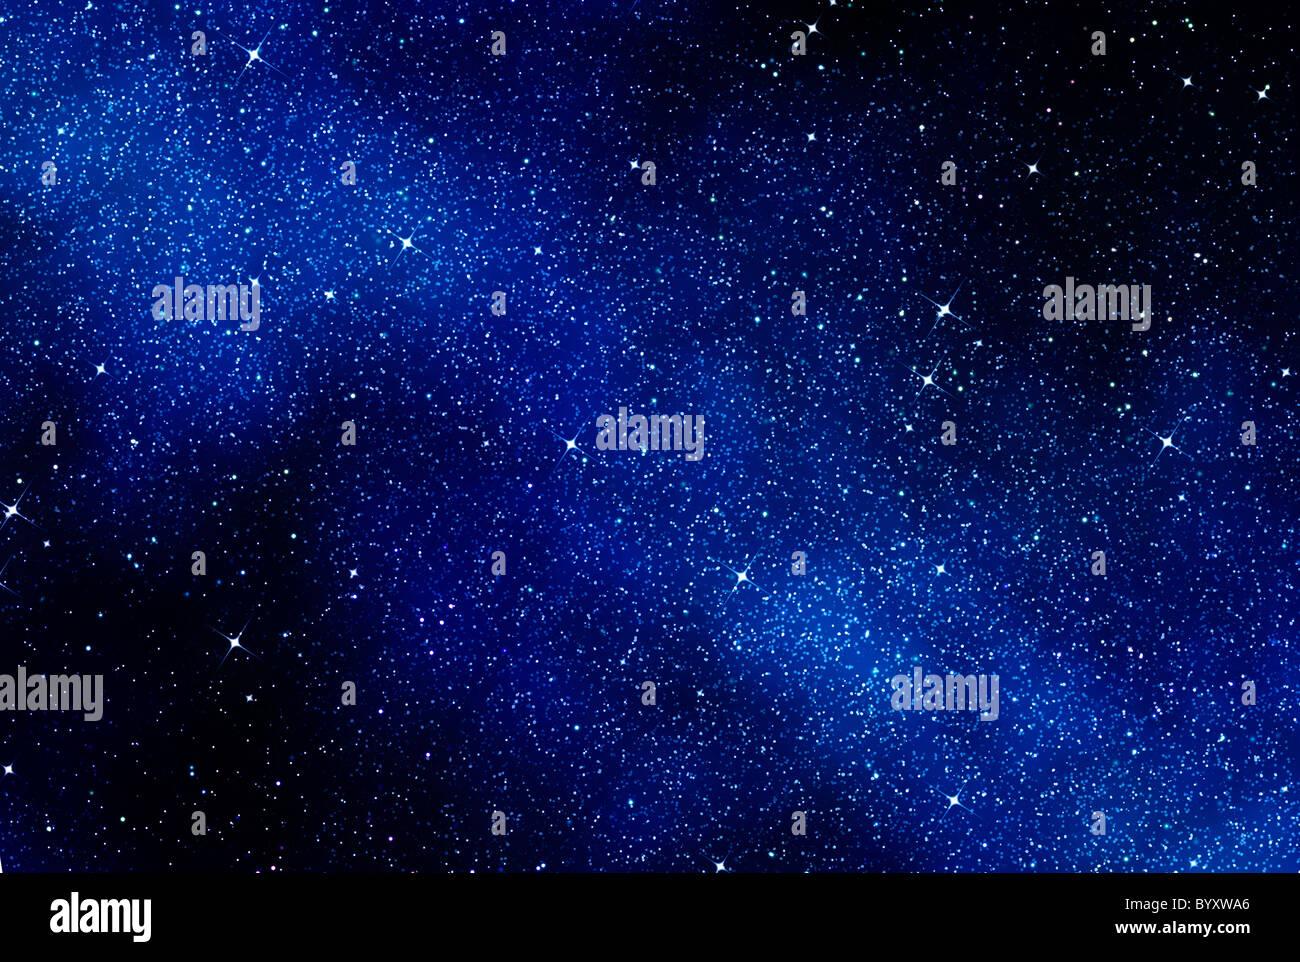 Gran imagen de espacio o una noche estrellada Imagen De Stock